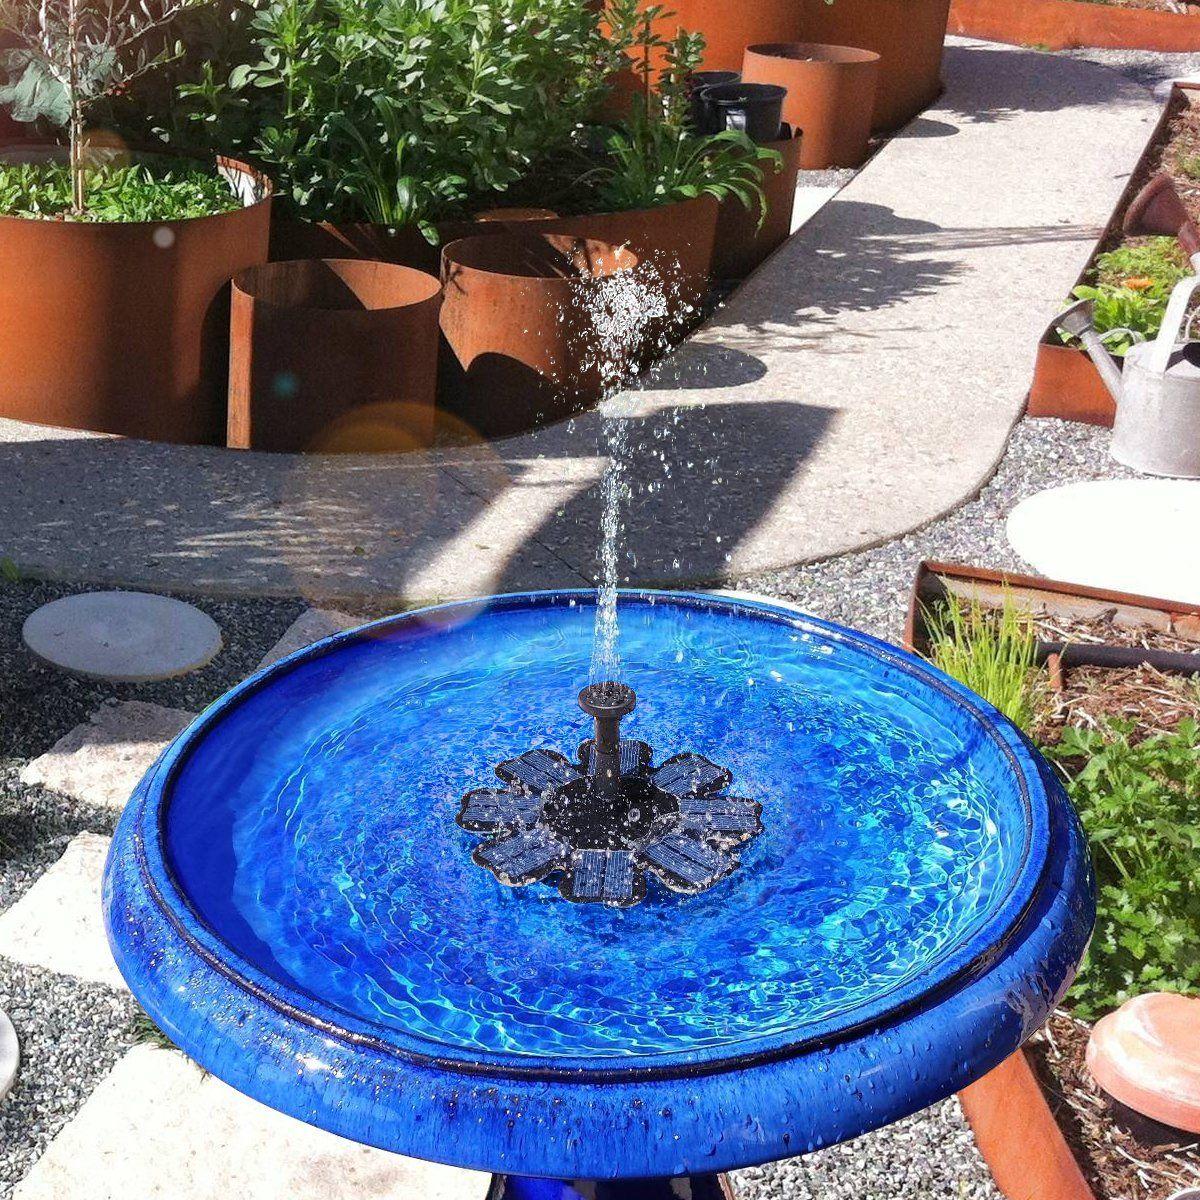 Feelle solar powered fountain pump 8v 16w solar panel